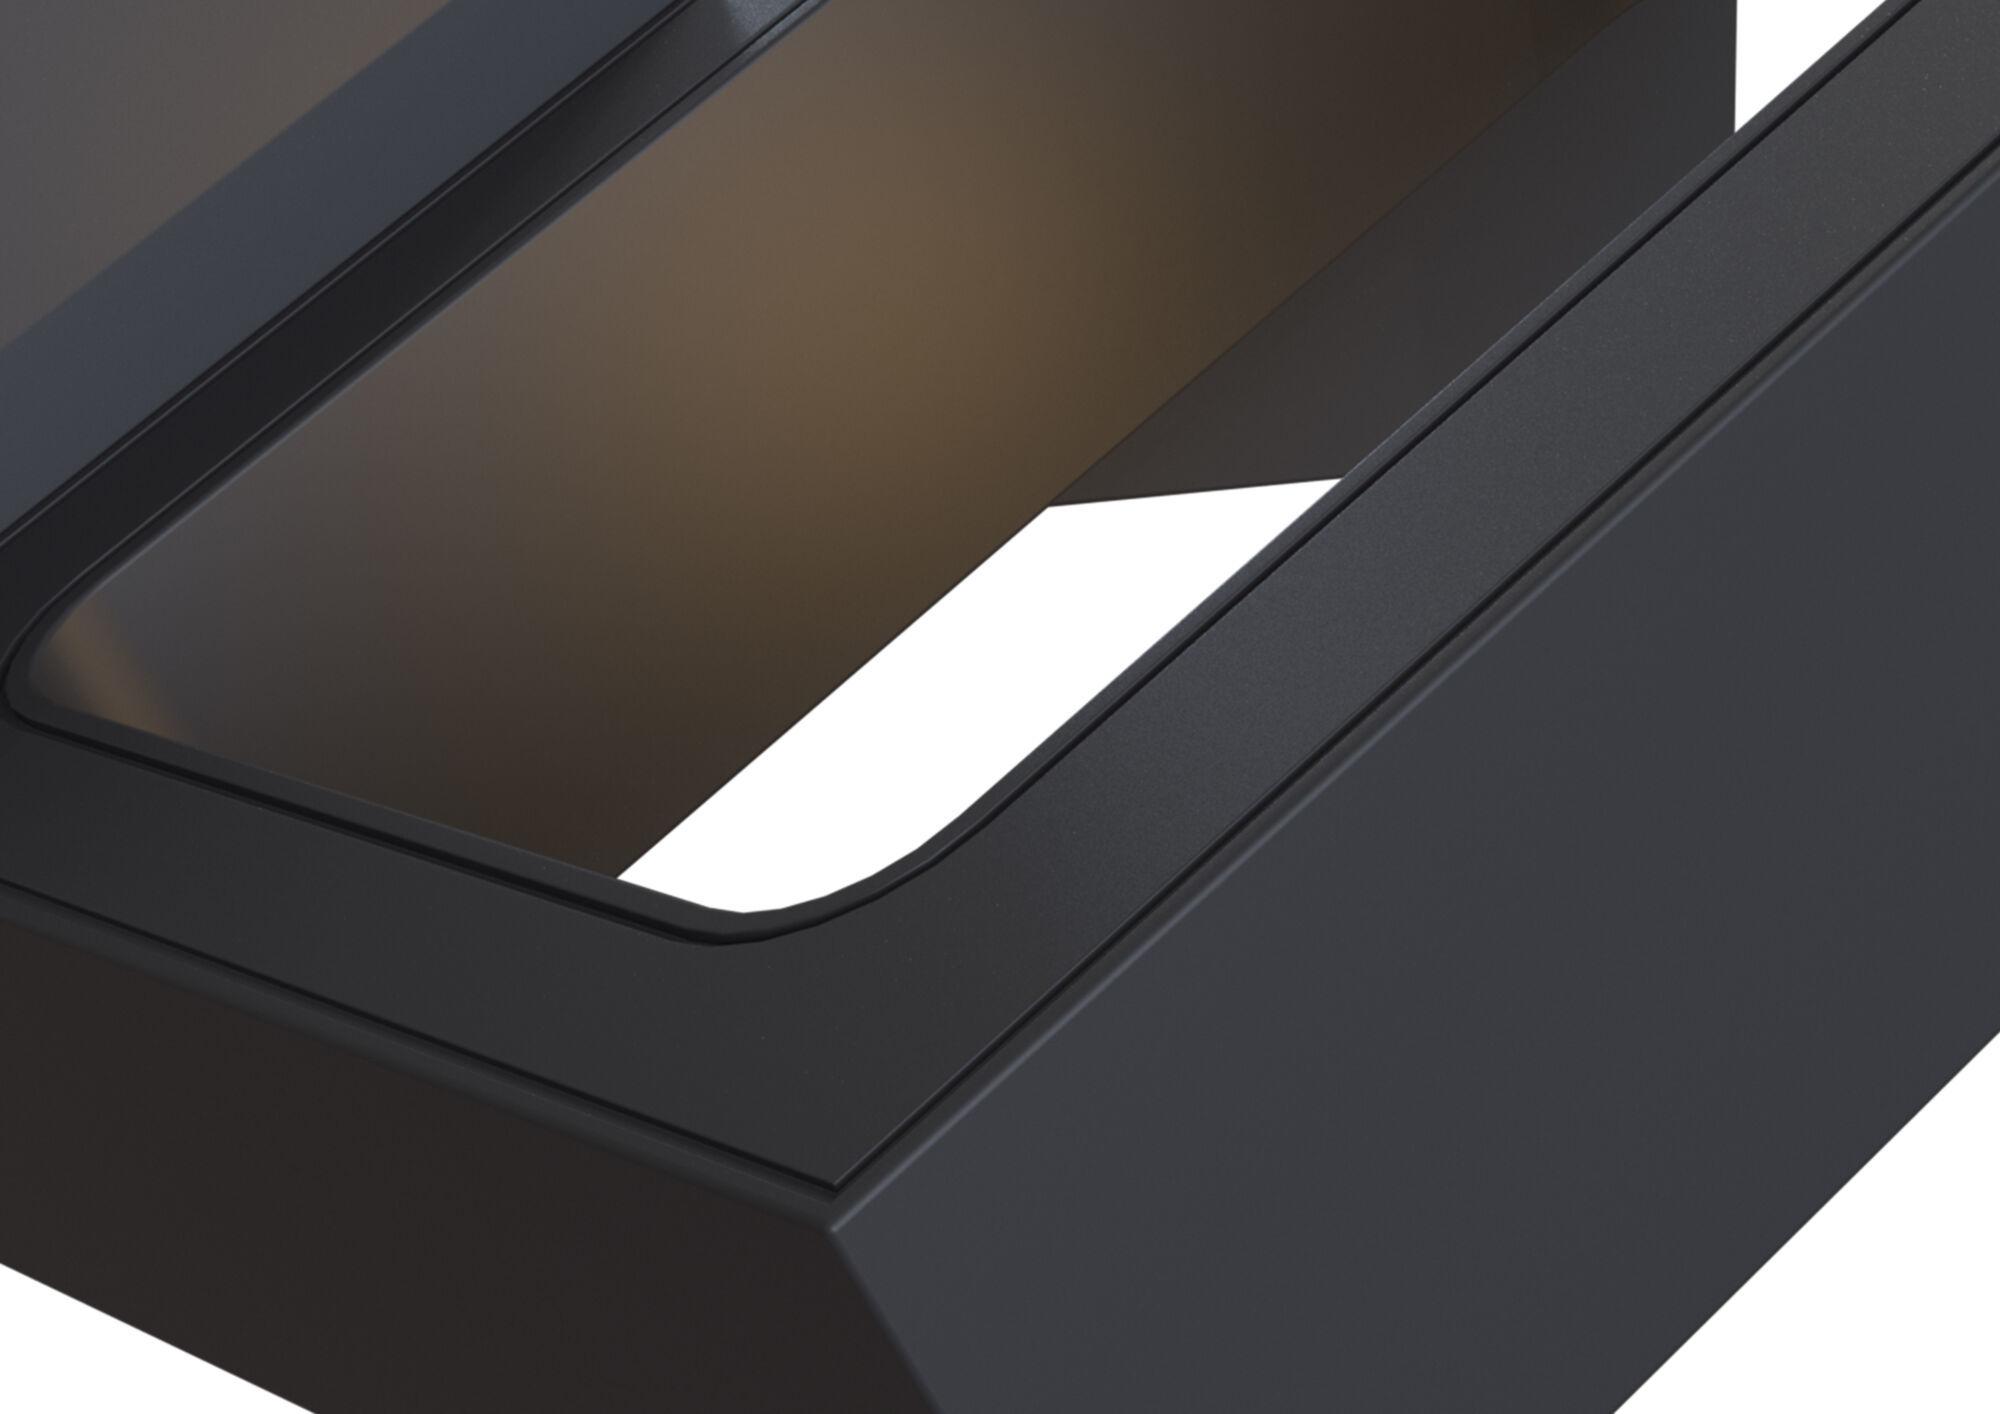 Настенный светильник с регулировкой направления света Maytoni Flo C028WL-L6B 3200K (дневной), черный, металл - фото 3